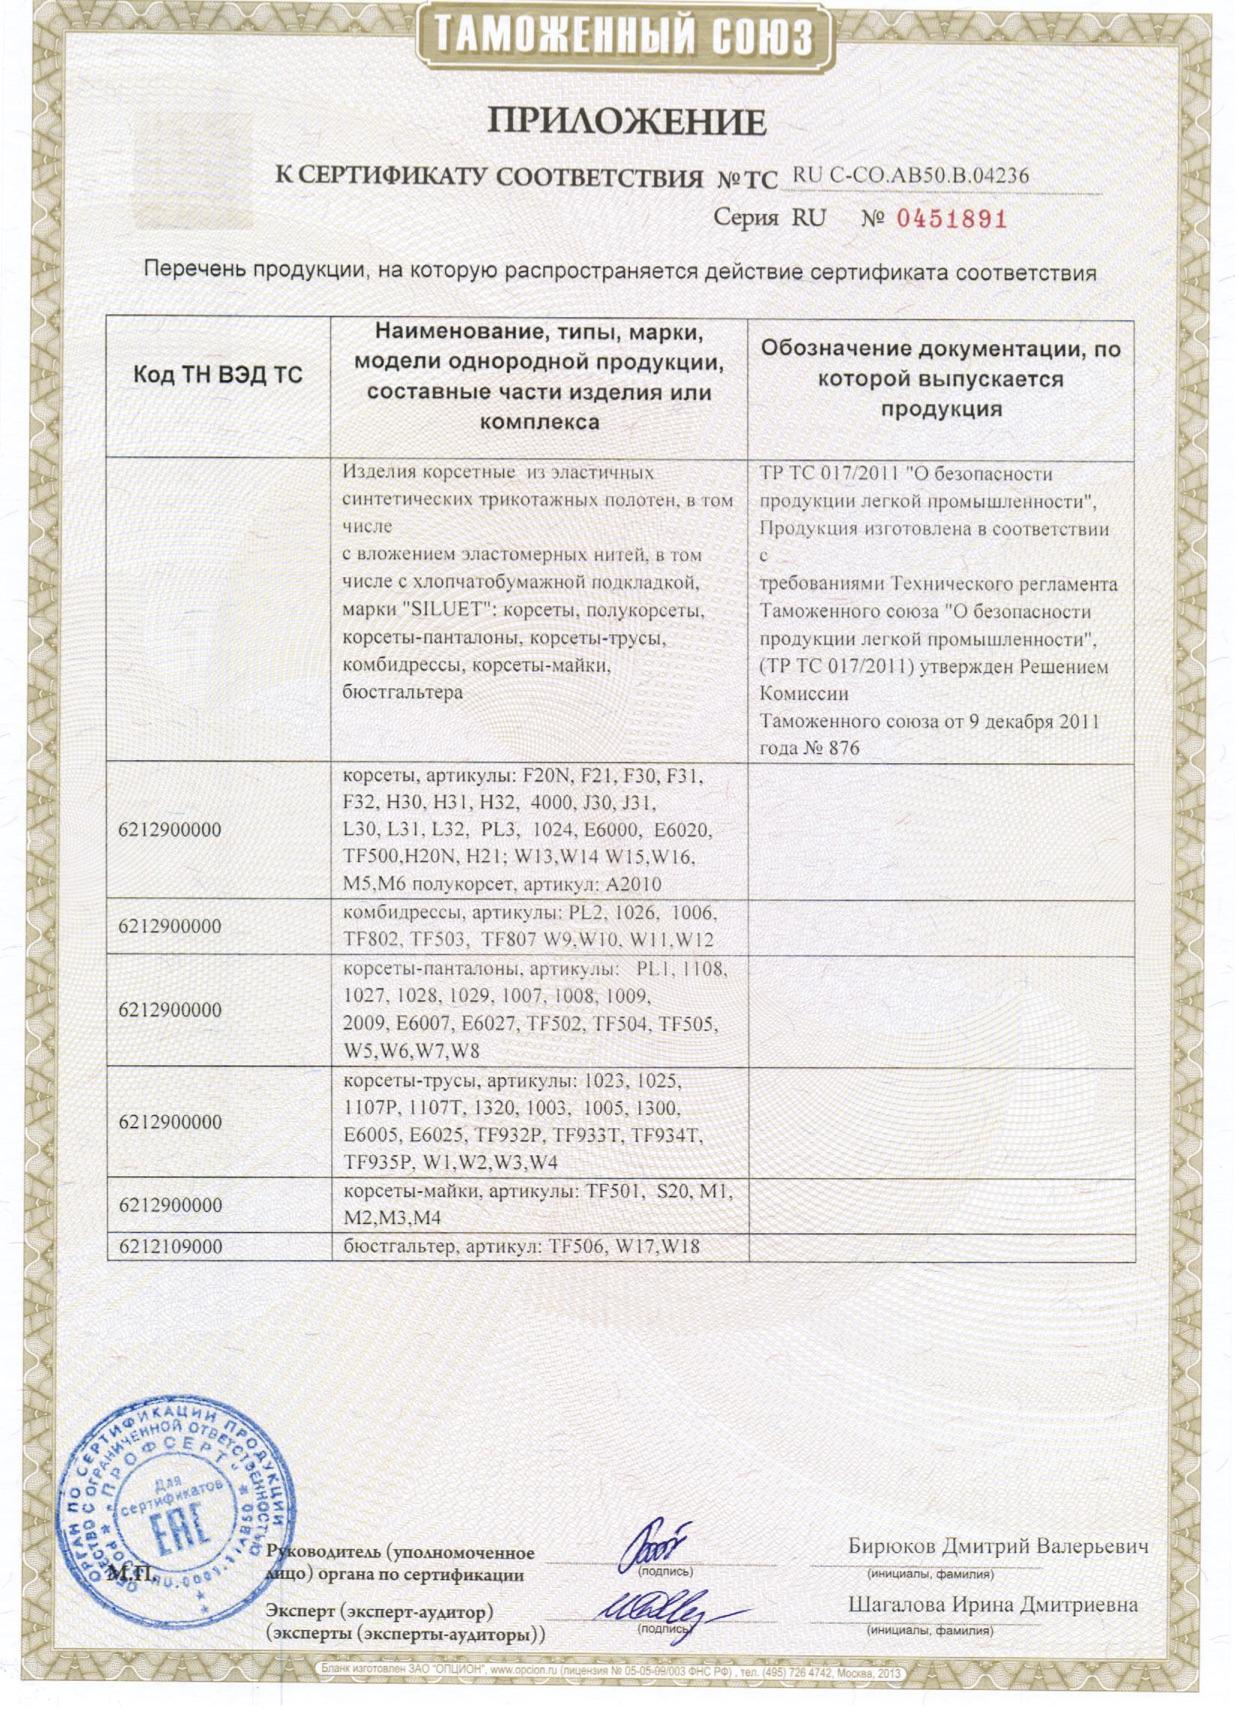 Сертификат соответствия стр 2